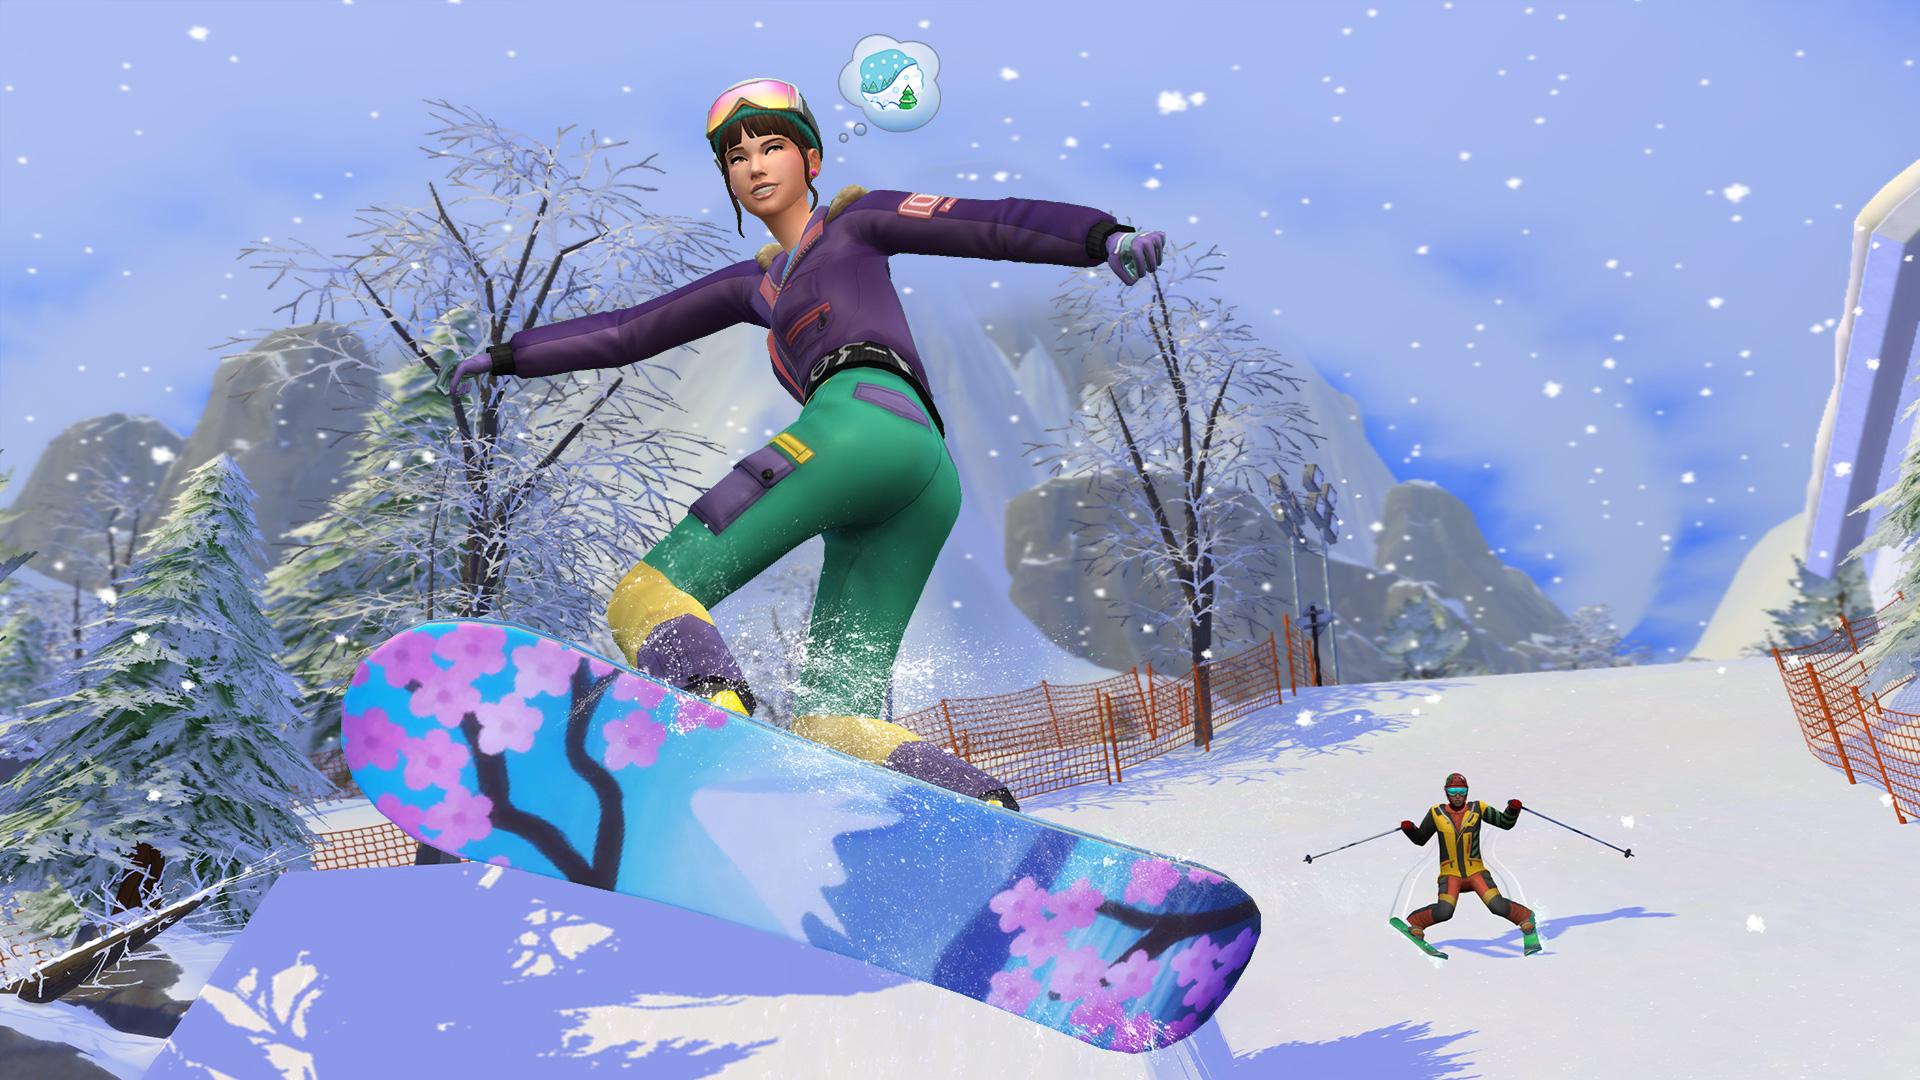 the sims 4 snowy escape wallpaper 73077